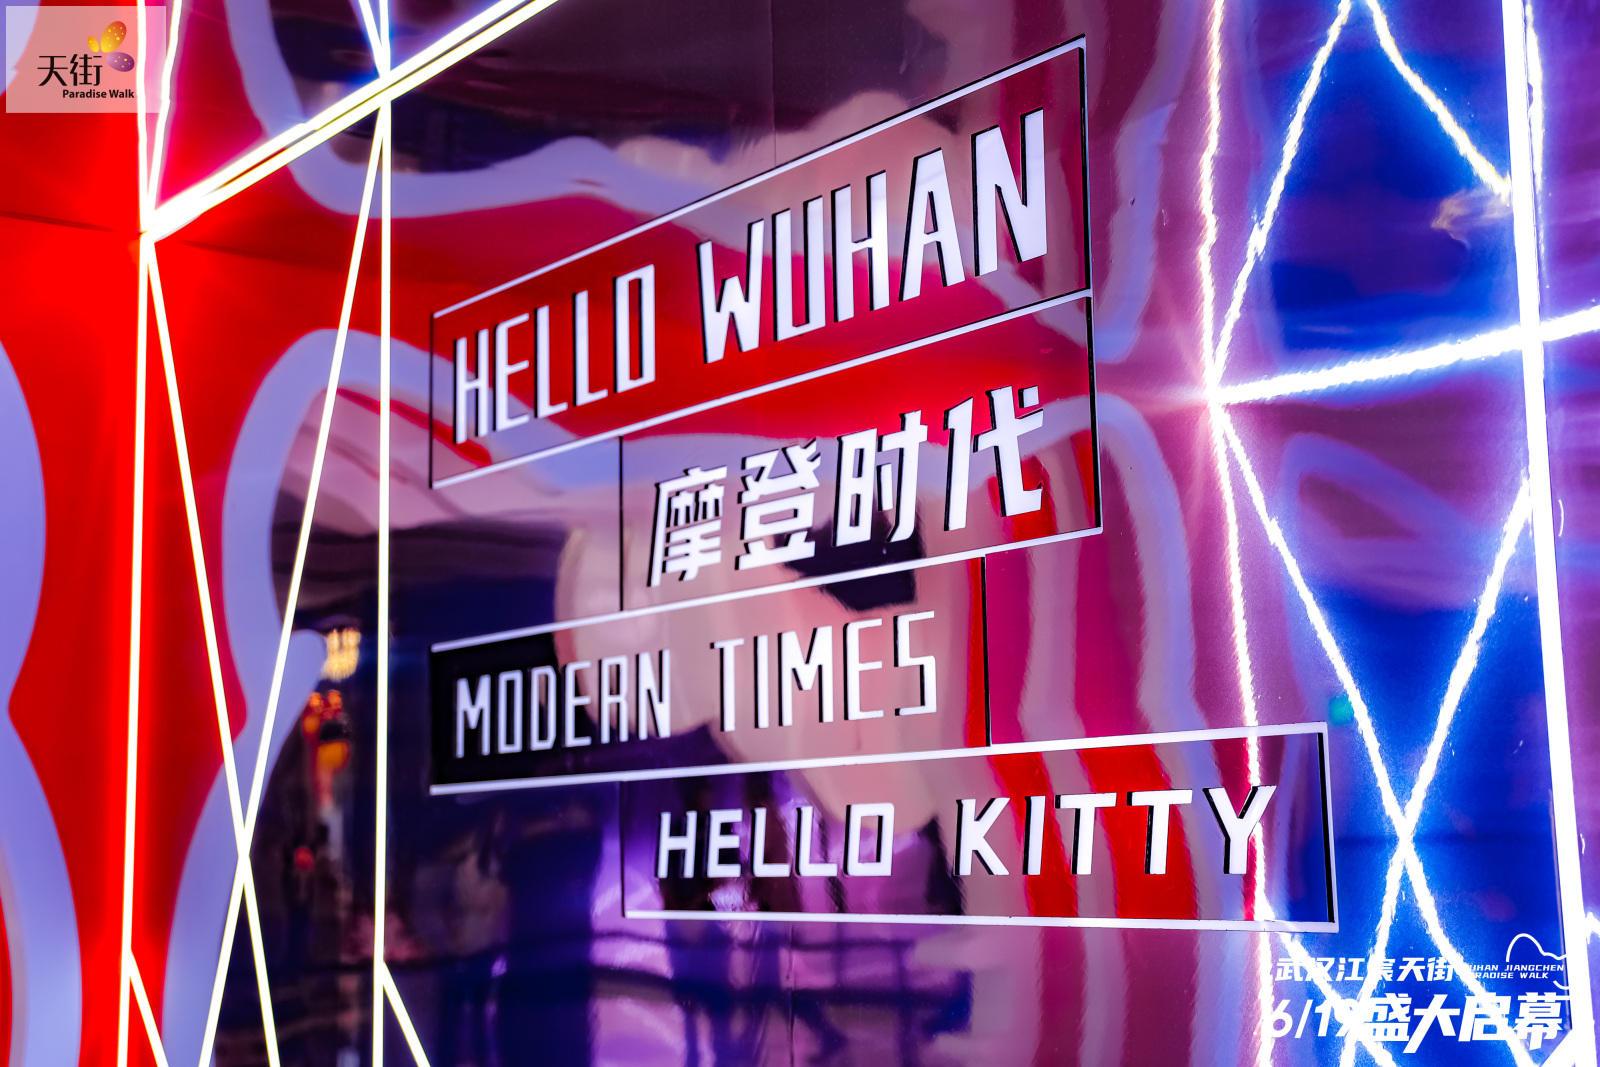 HELLO KITTY摩登时代中国首展活动策划潮尚来袭,萌力爆表